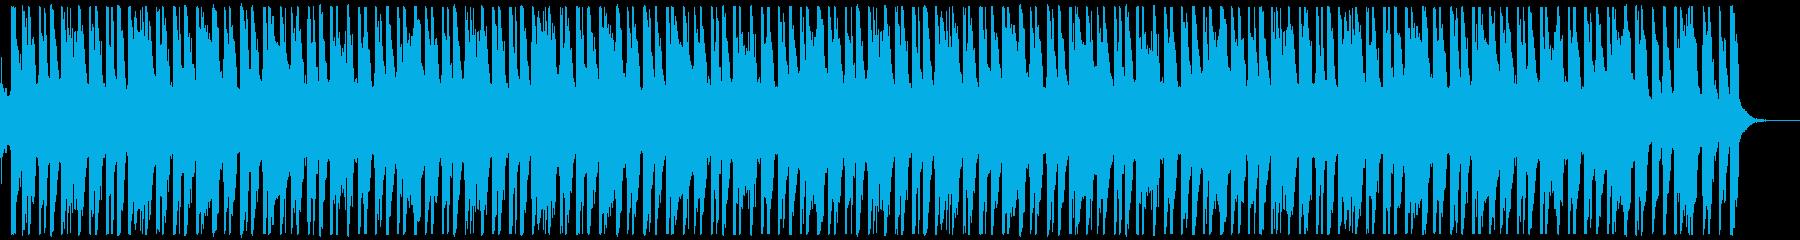 EGタッピング変拍子のノリノリインストの再生済みの波形